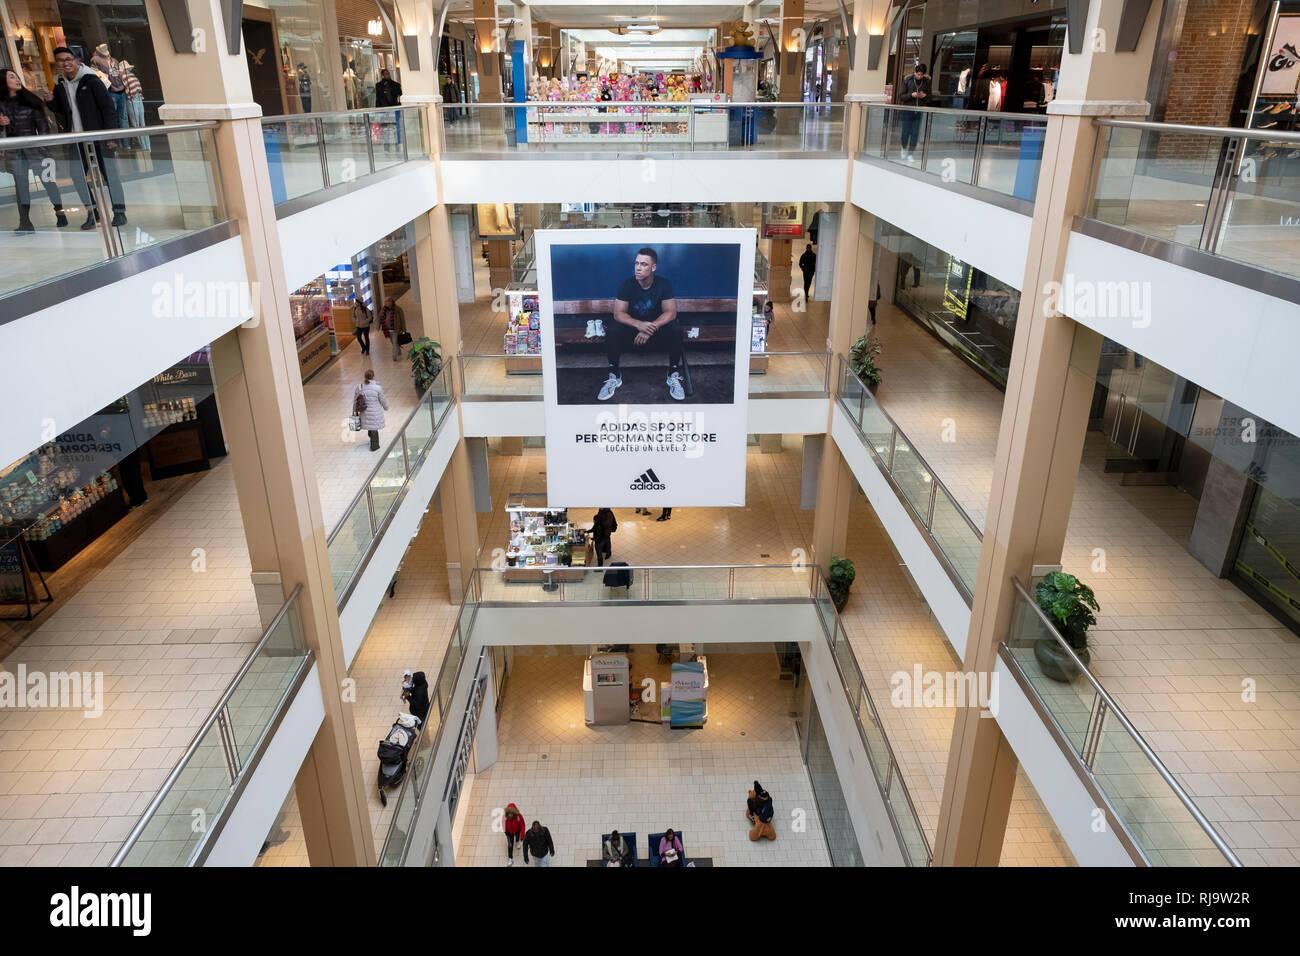 Queens Center Mall High Resolution